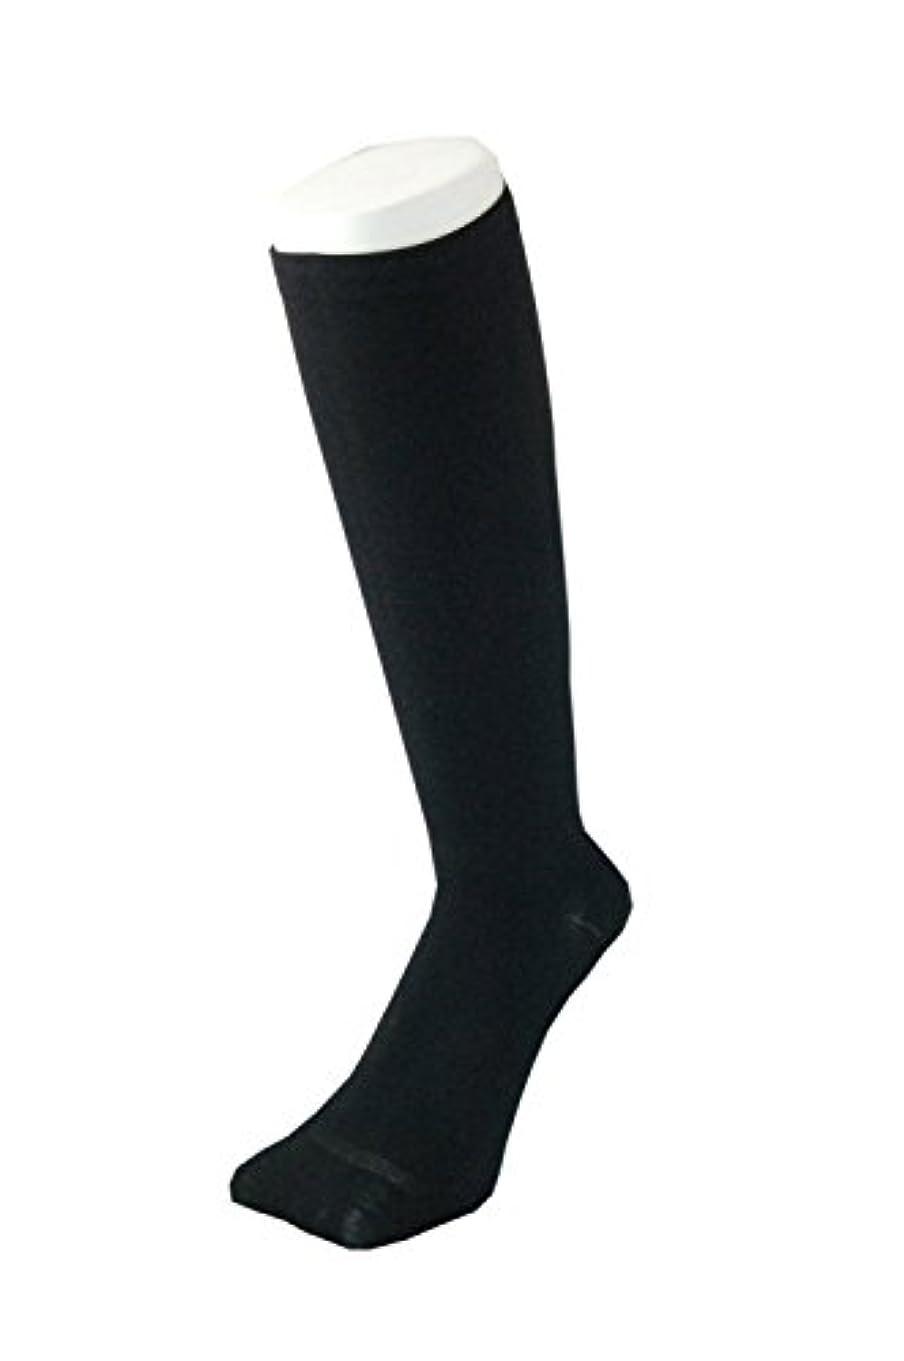 壮大スムーズにふざけたPAX-ASIAN 紳士?メンズ 着圧靴下 (25~27cm ) ムクミ解消 締め付け サポート 抗菌 ソックス 黒色?ブラック 3足組